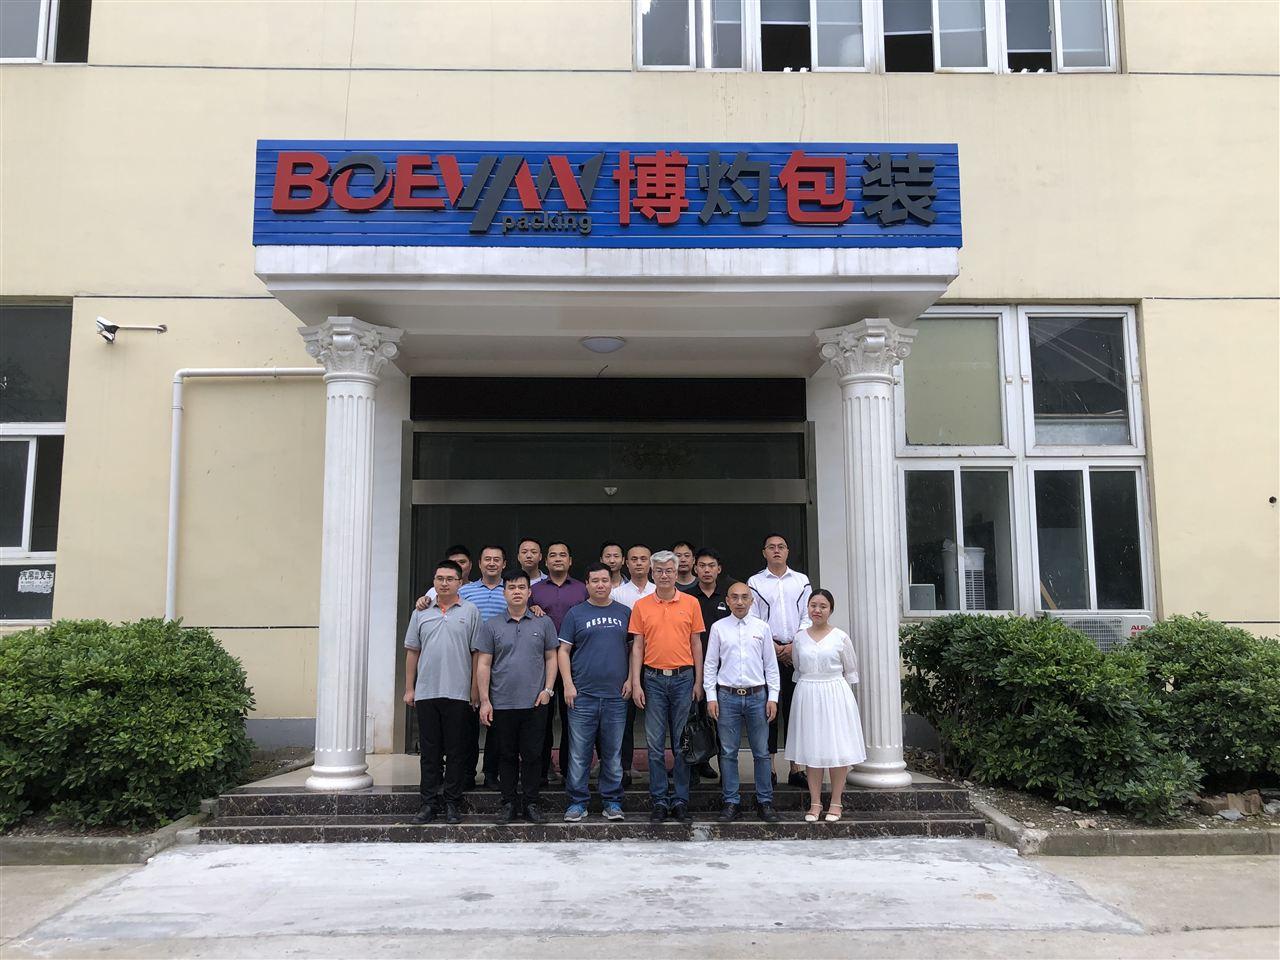 走访上海博灼包装机械有限公司